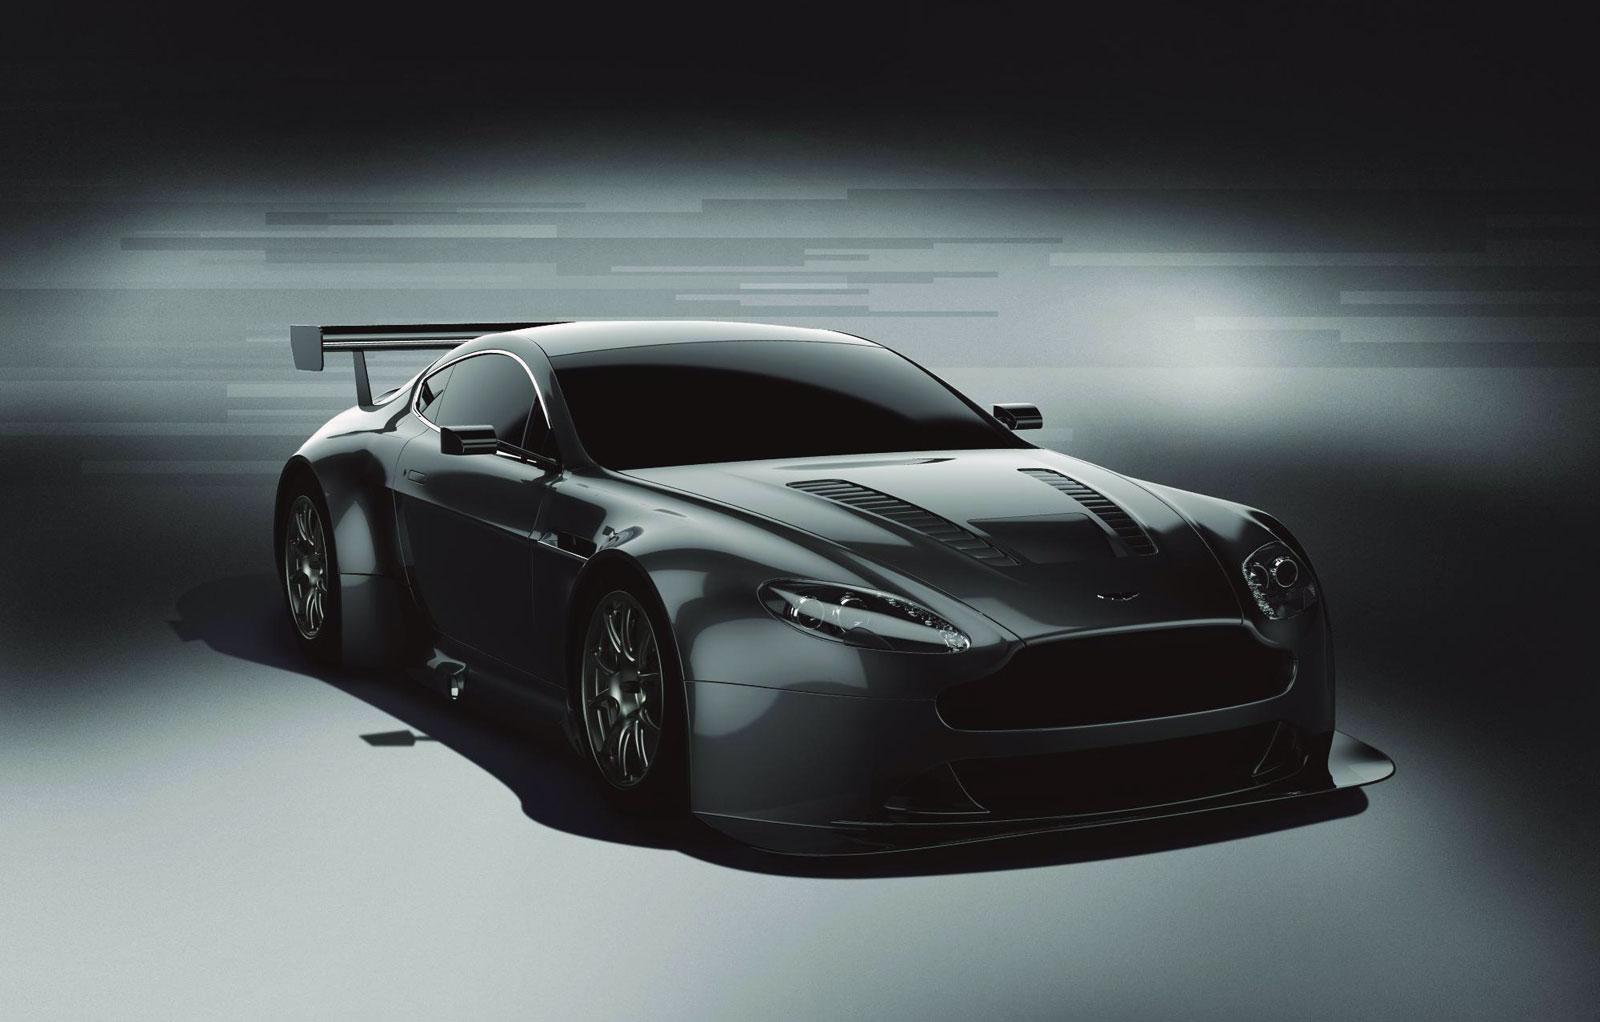 Aston Martin announced a new